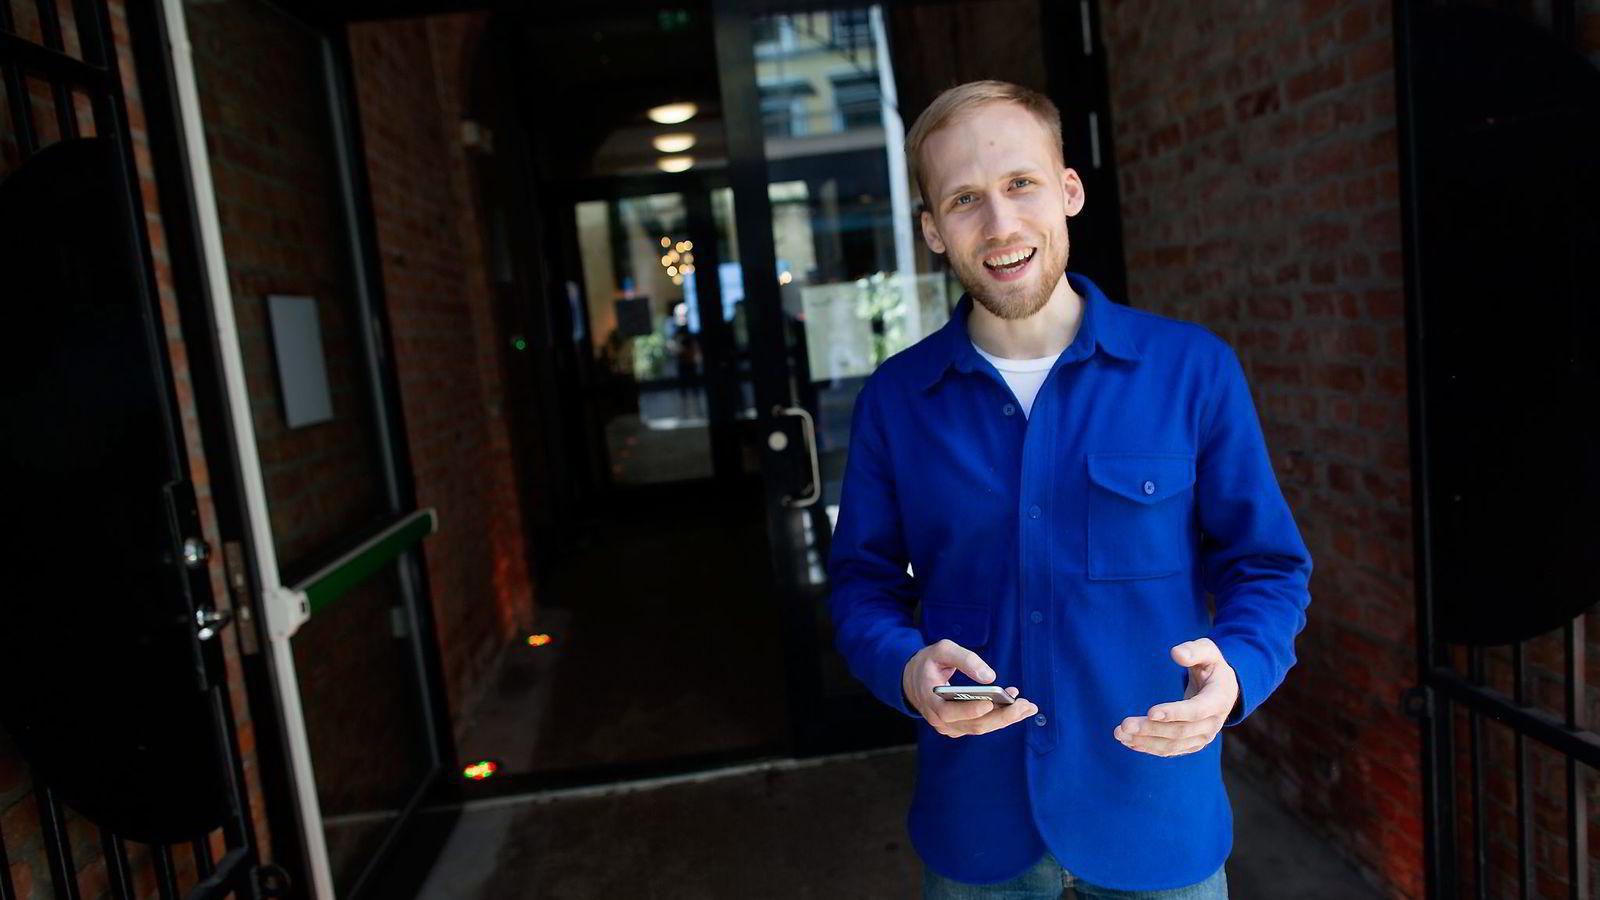 Christian Birch i Shopgun viser frem sin tjeneste, som er lastet ned 1,7 millioner ganger i Danmark. Foto: